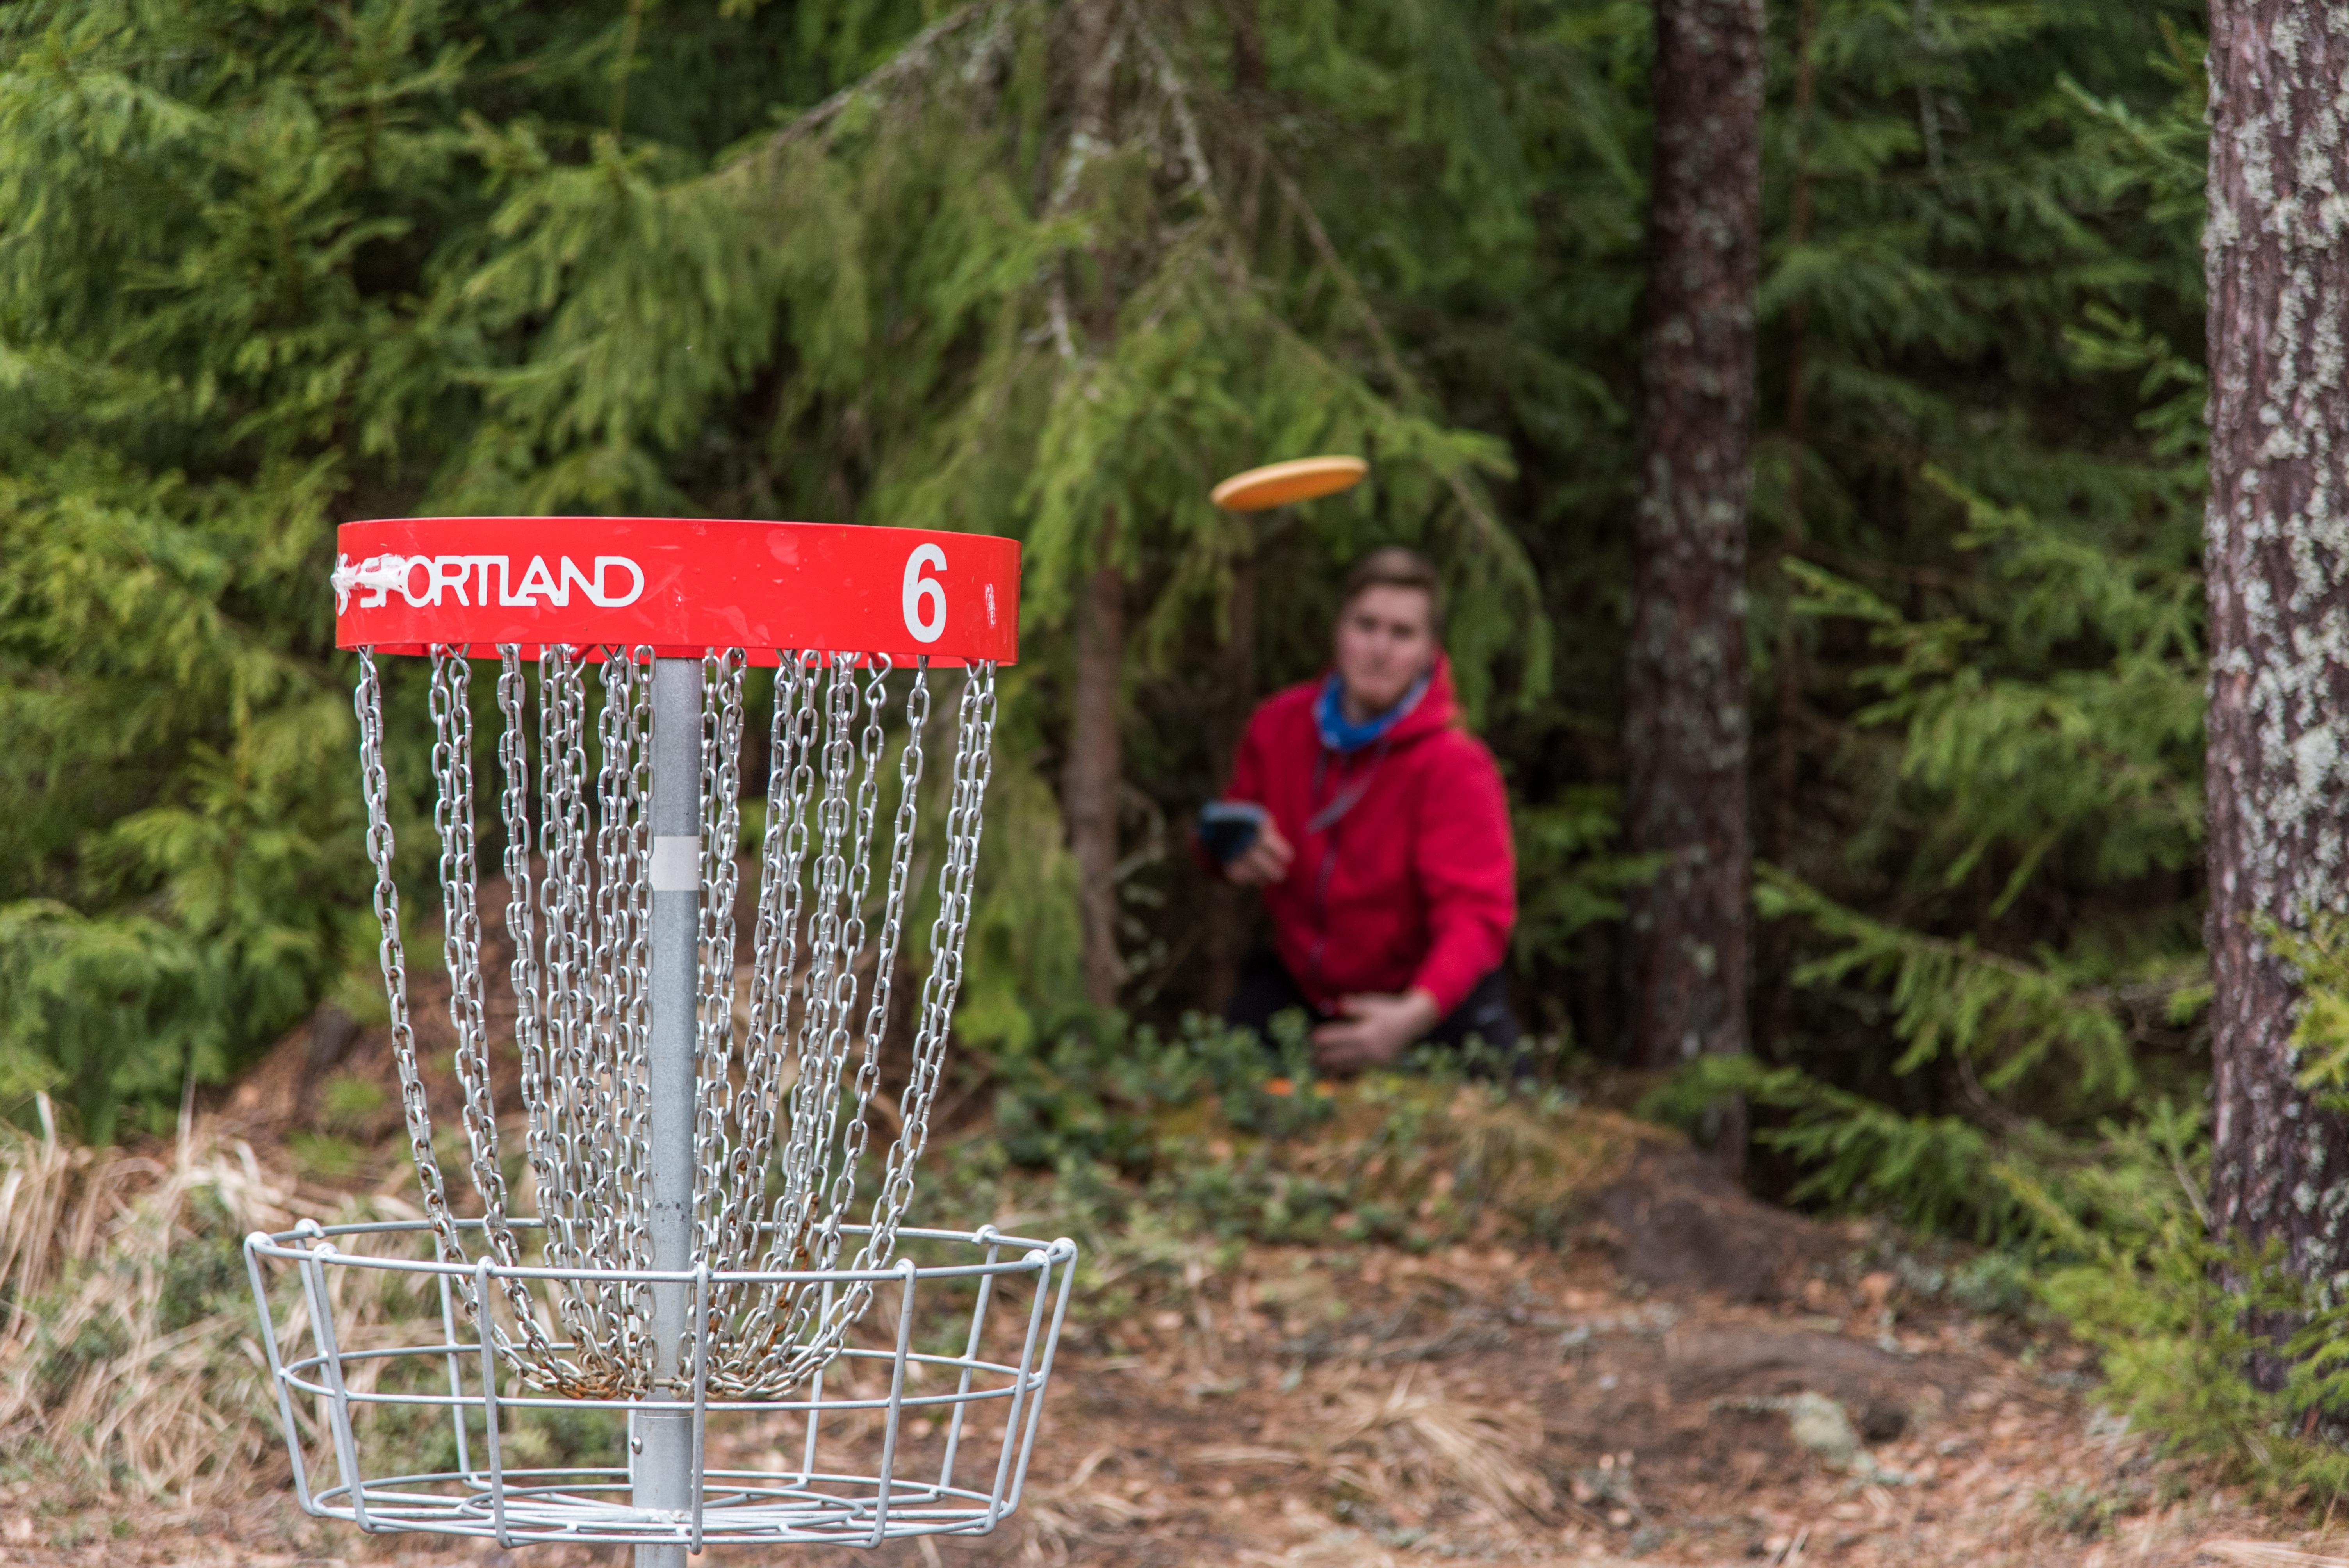 Foto: Sportland